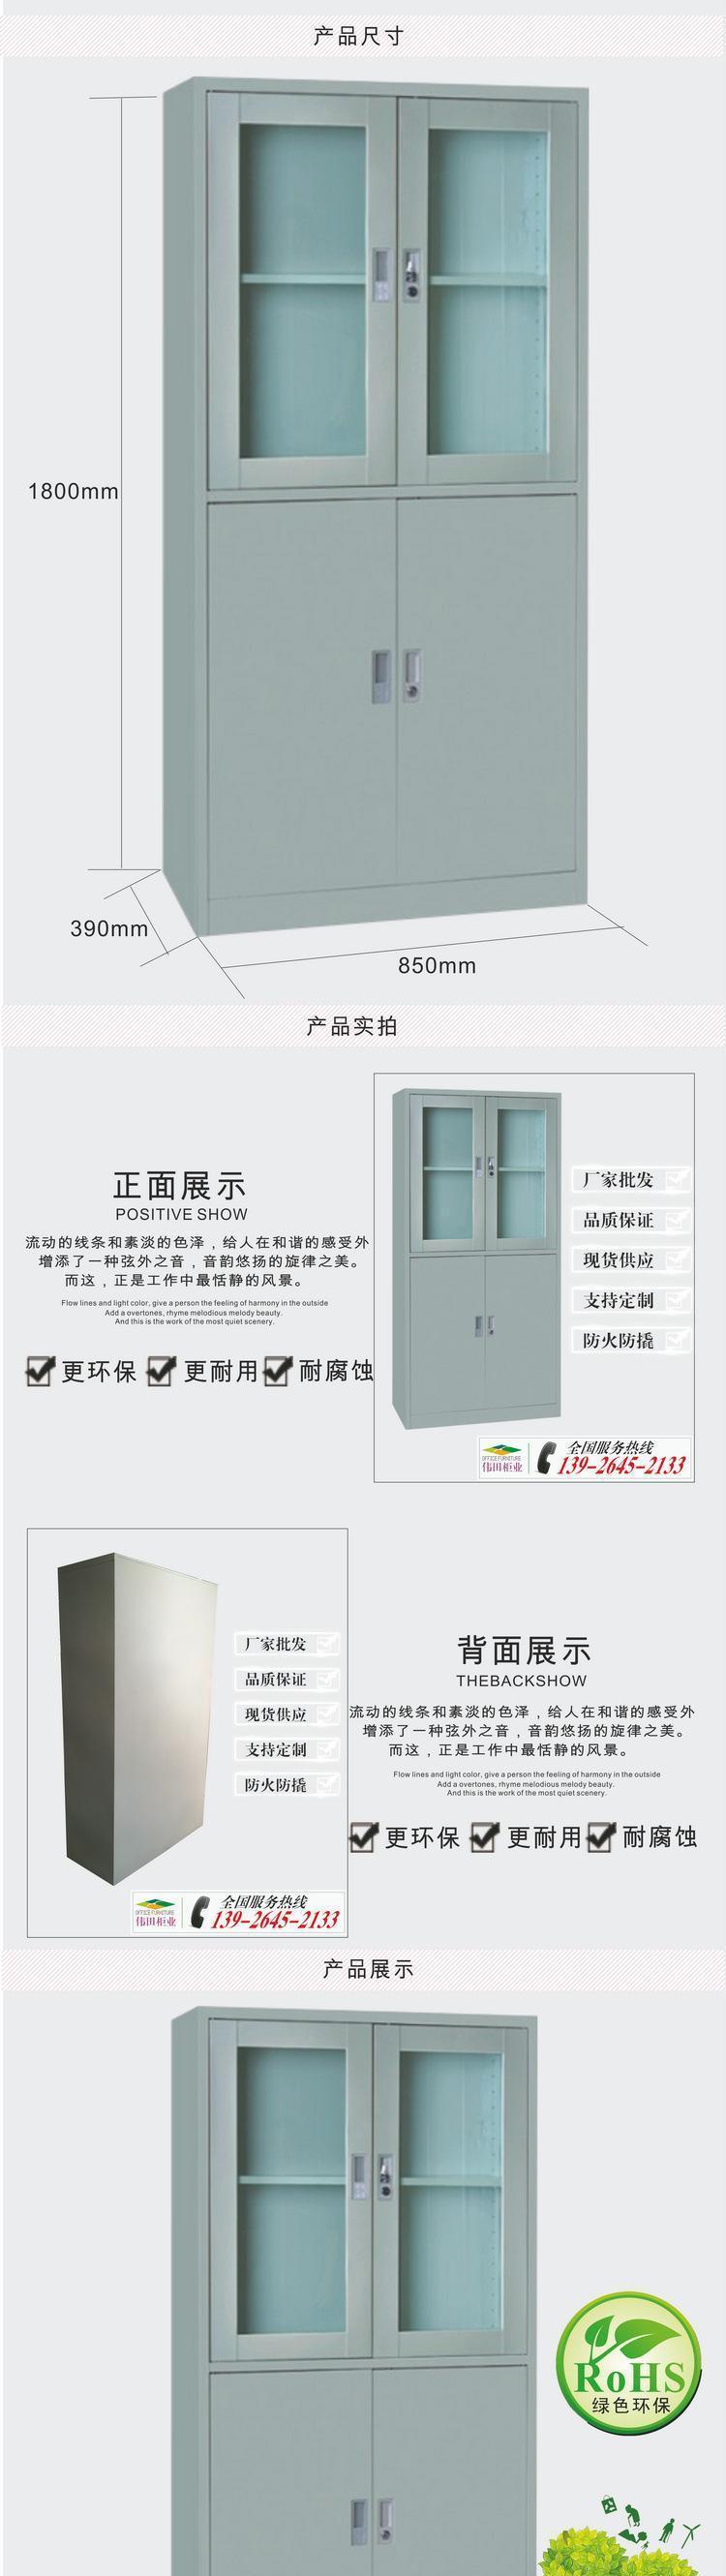 广州 文件柜 铁皮文件柜 办公文件柜 等体器械柜 工厂批发 热销示例图2